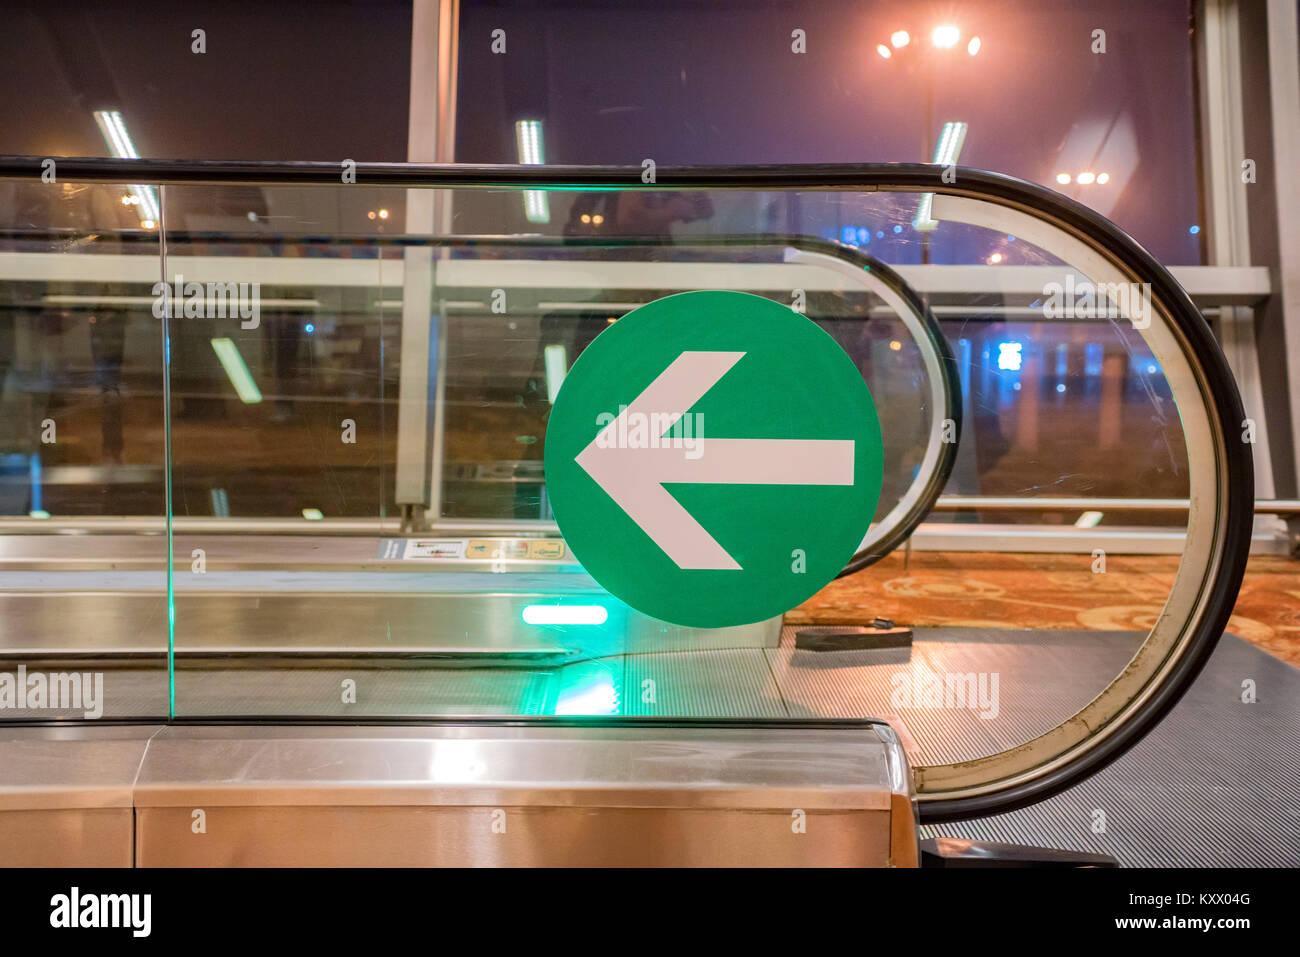 Flèche verte signe sur tapis roulant de l'aéroport Photo Stock